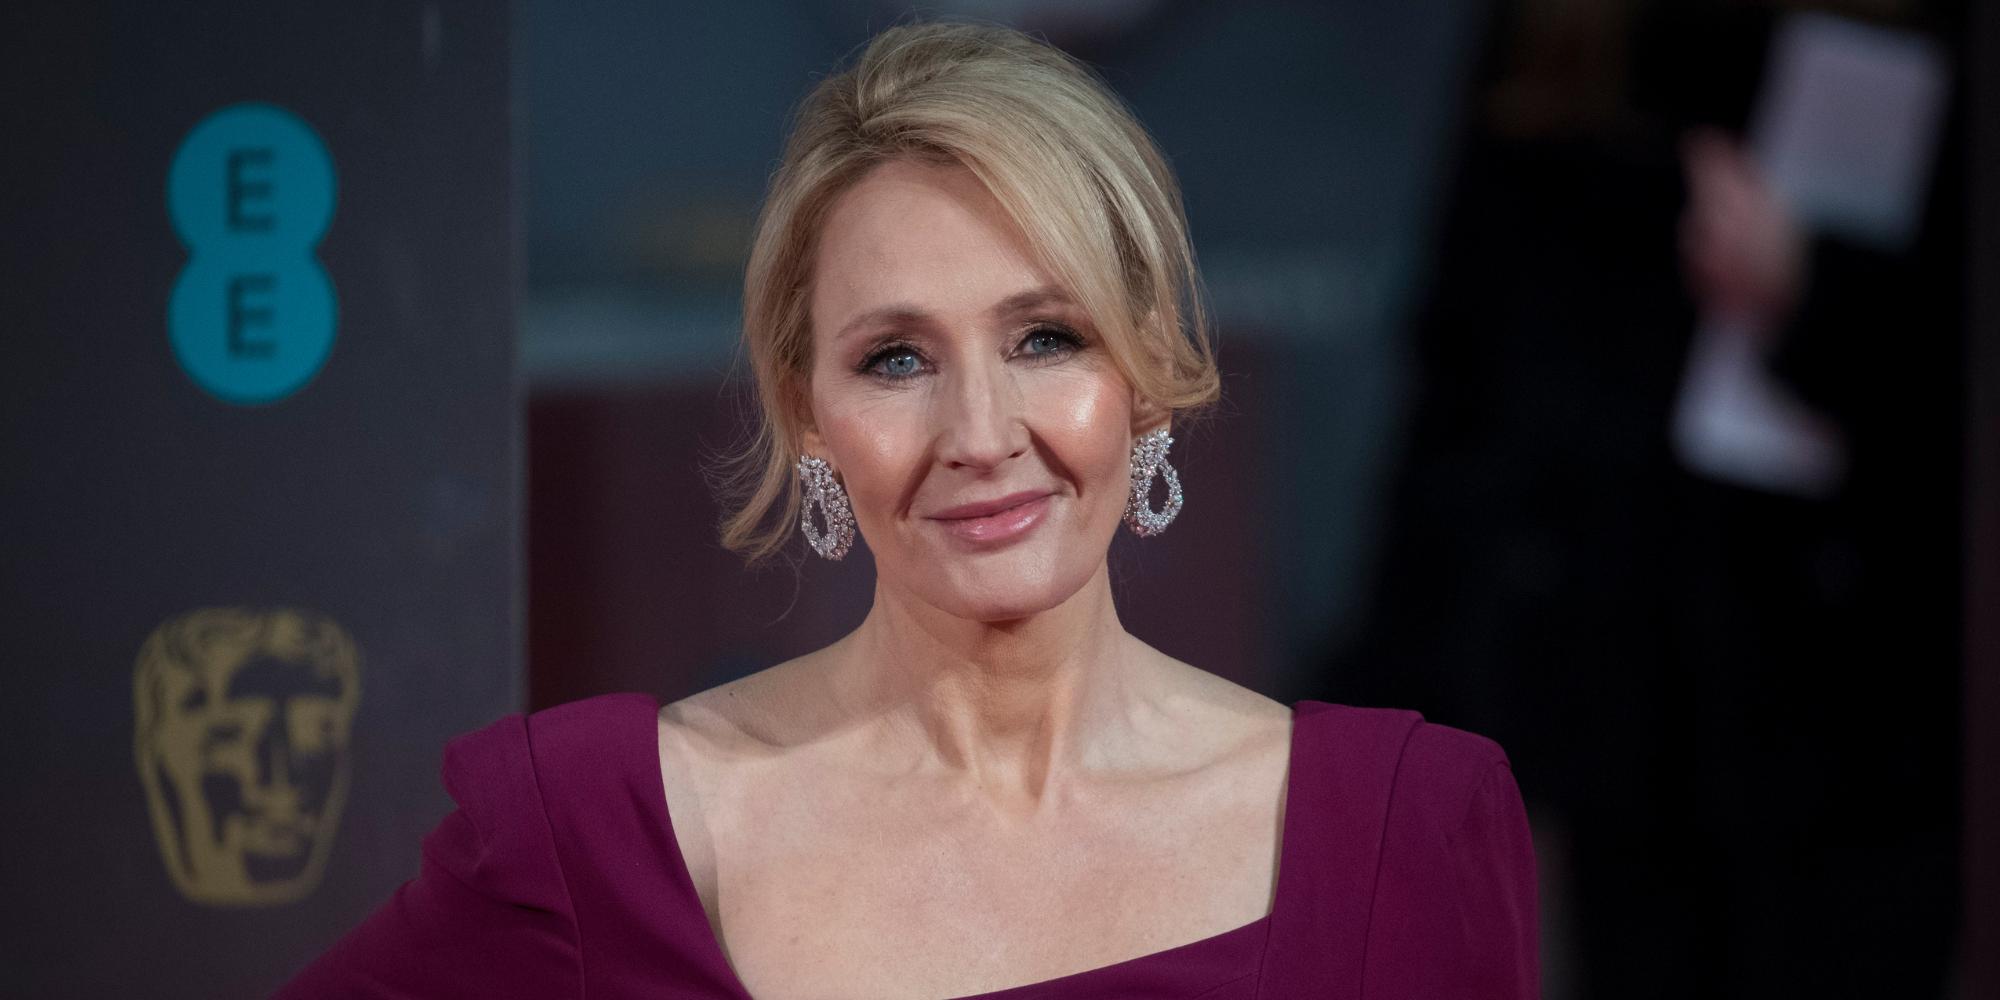 Jogo baseado na história de Harry Potter gera conversas sobre o legado de JK Rowling